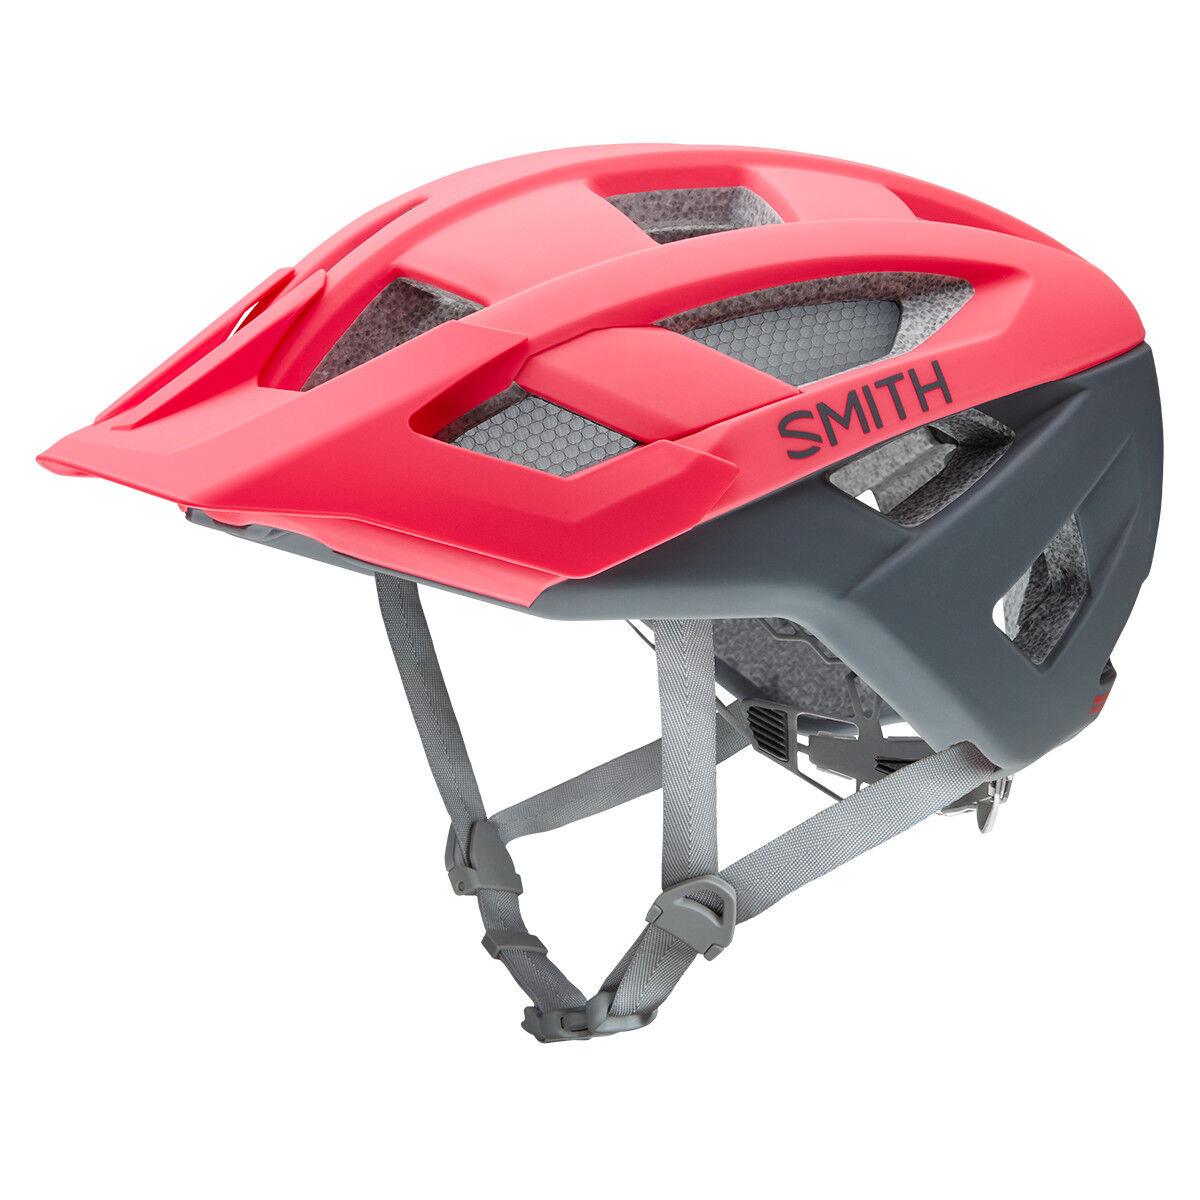 Smith Rover MIPS vtt cyclisme vélo Casque Mat pink - Charbon kolroyd S M L